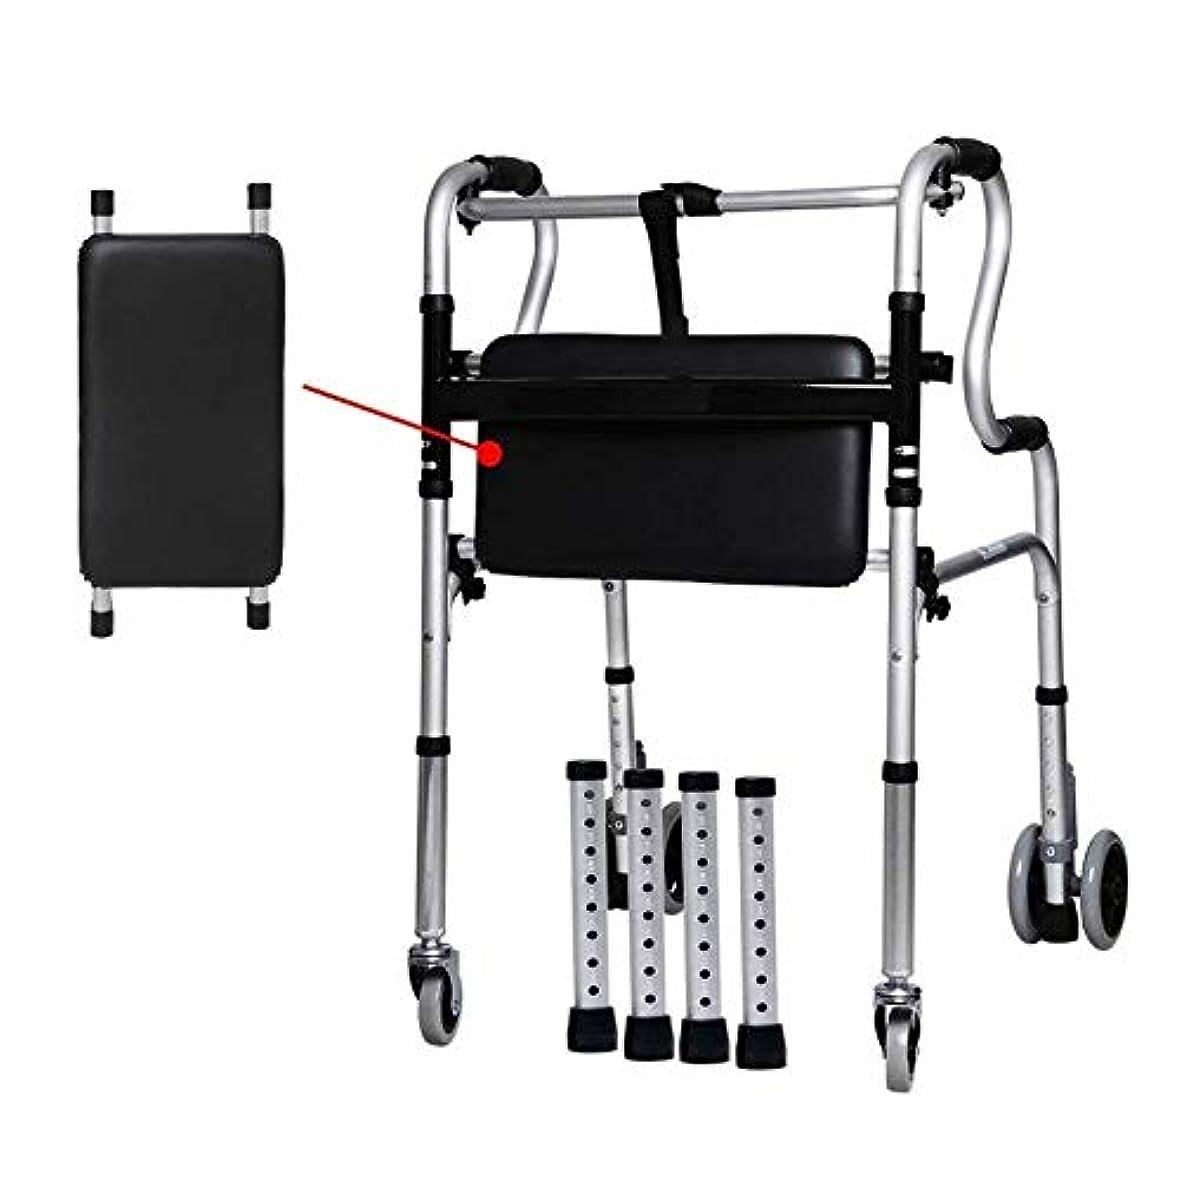 発行富電気陽性車輪が付いている折る歩行者、不具の高齢者のためのロックできるブレーキが付いている軽いアルミ合金4輪歩行者